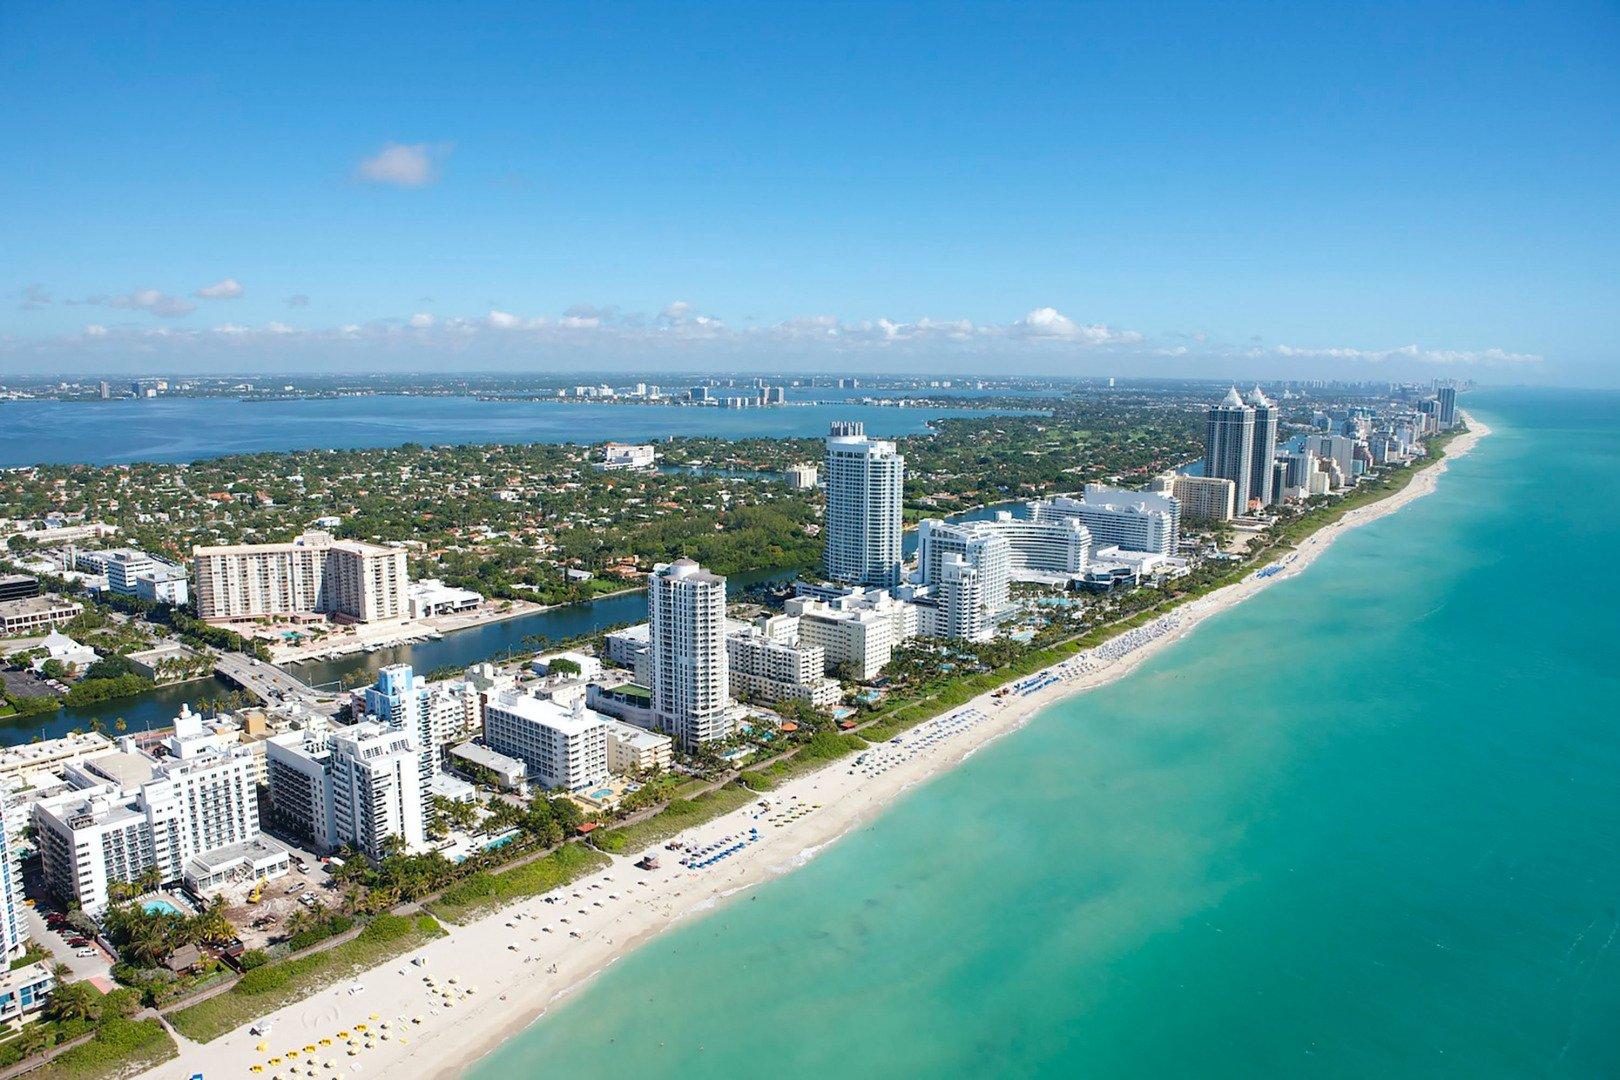 antonio cuellar KDS5lCrj ew unsplash - 7x de leukste dingen om te zien en te doen in Miami